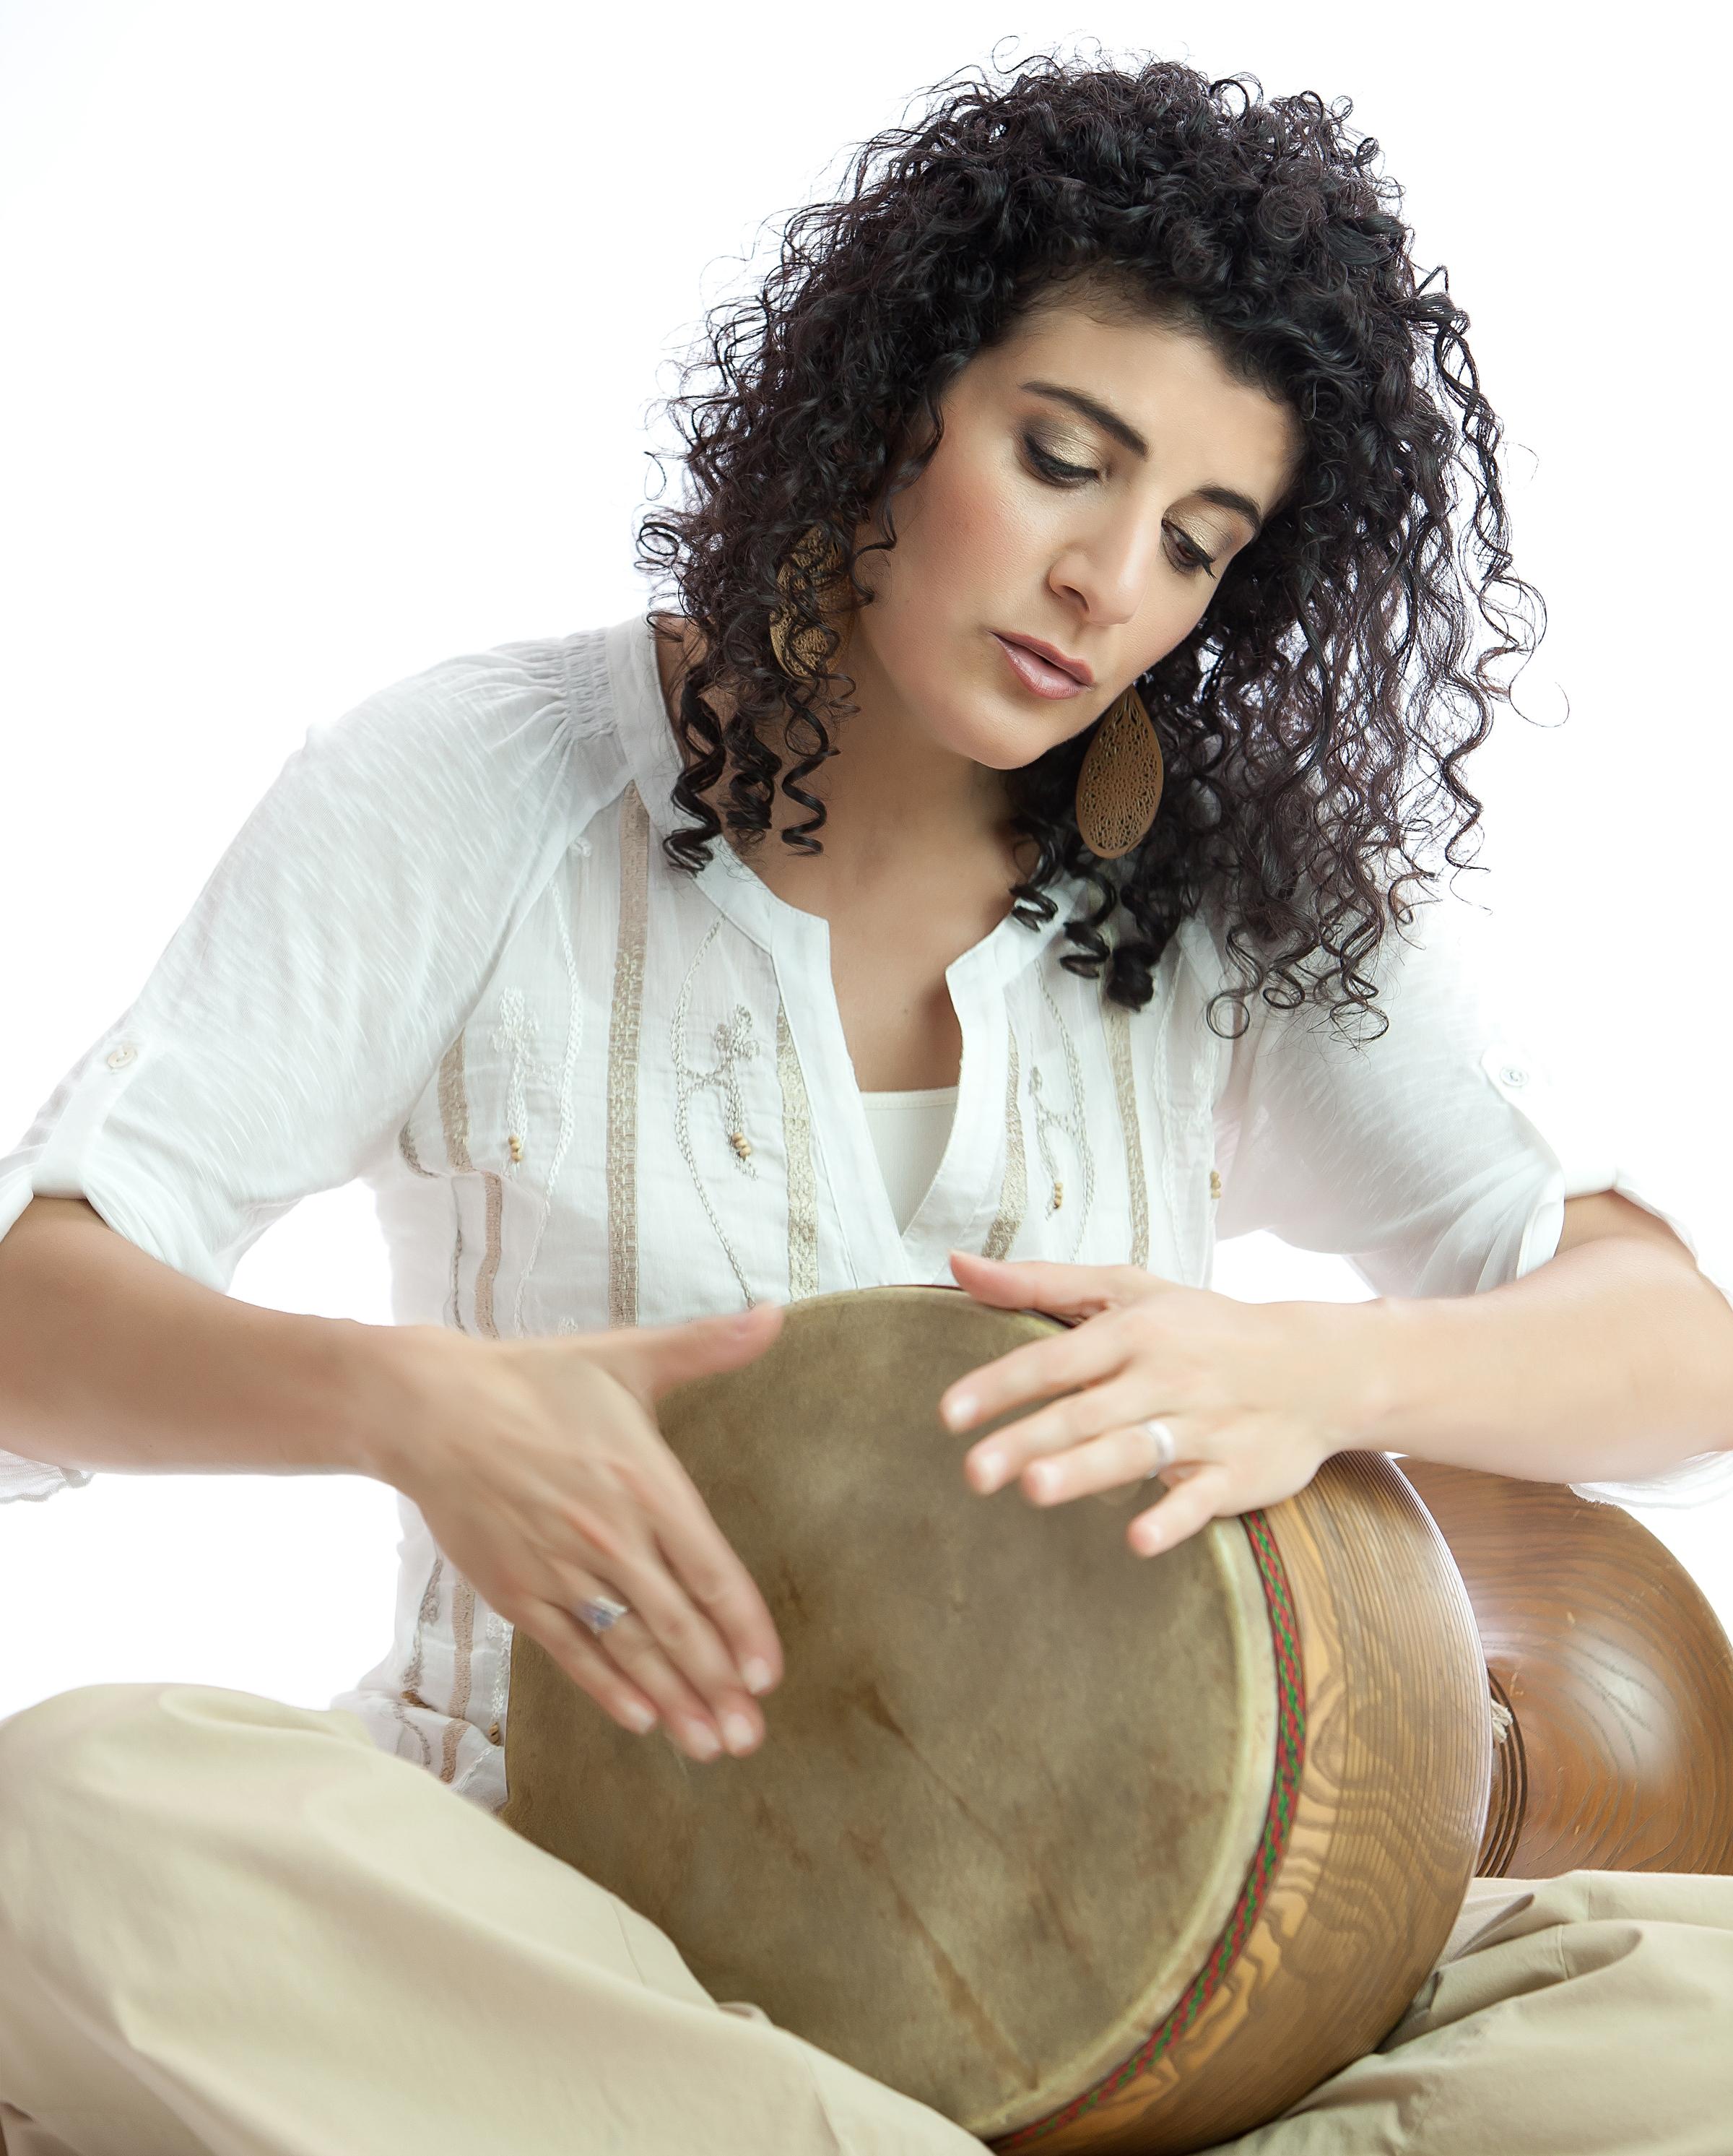 Galeet-Dardashti-music.jpg